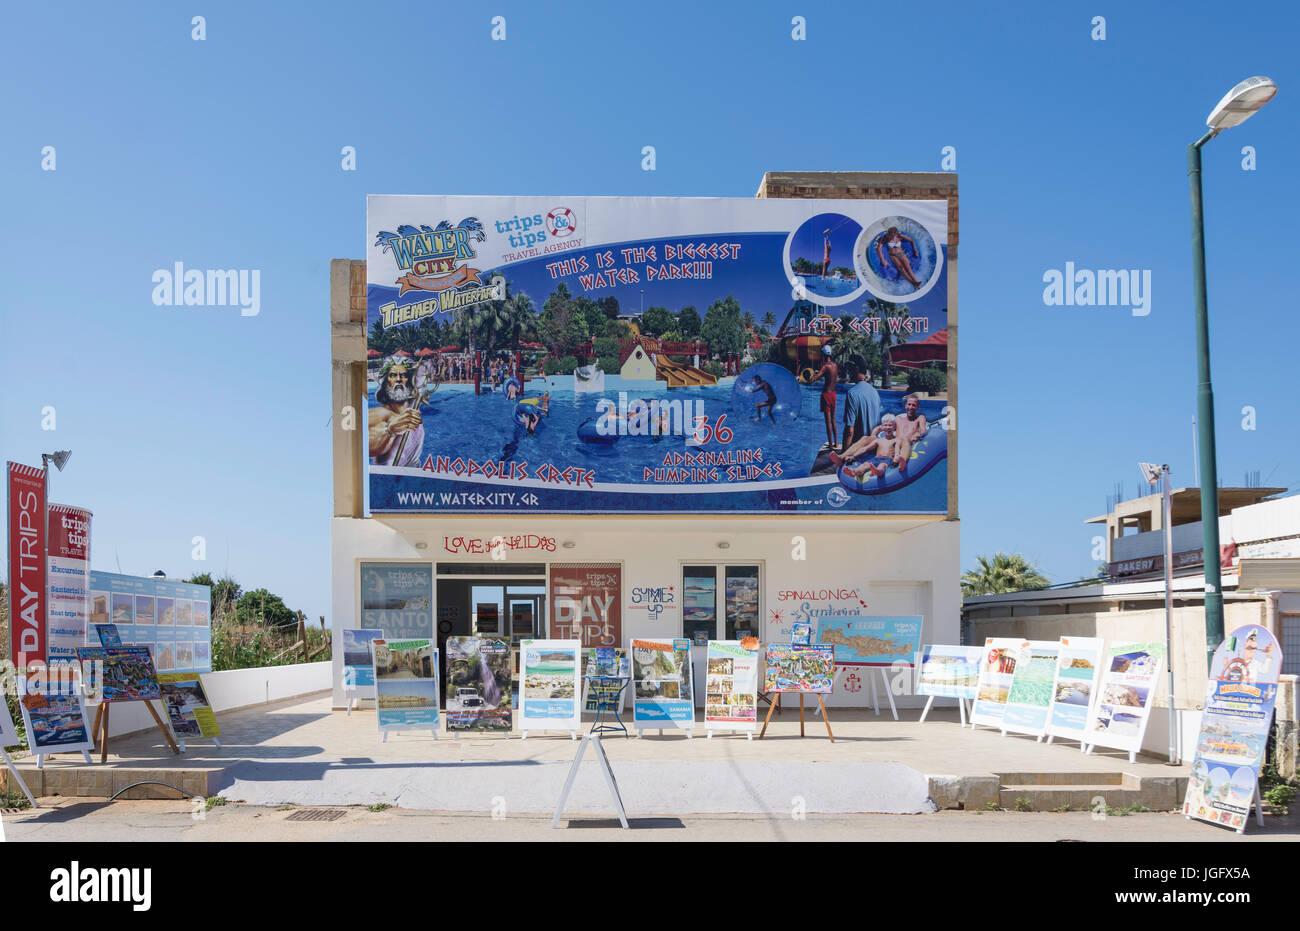 Consigli di viaggio agenzia di viaggi, Beach Road, Malia, Regione di Heraklion, Creta (Kriti), Grecia Immagini Stock